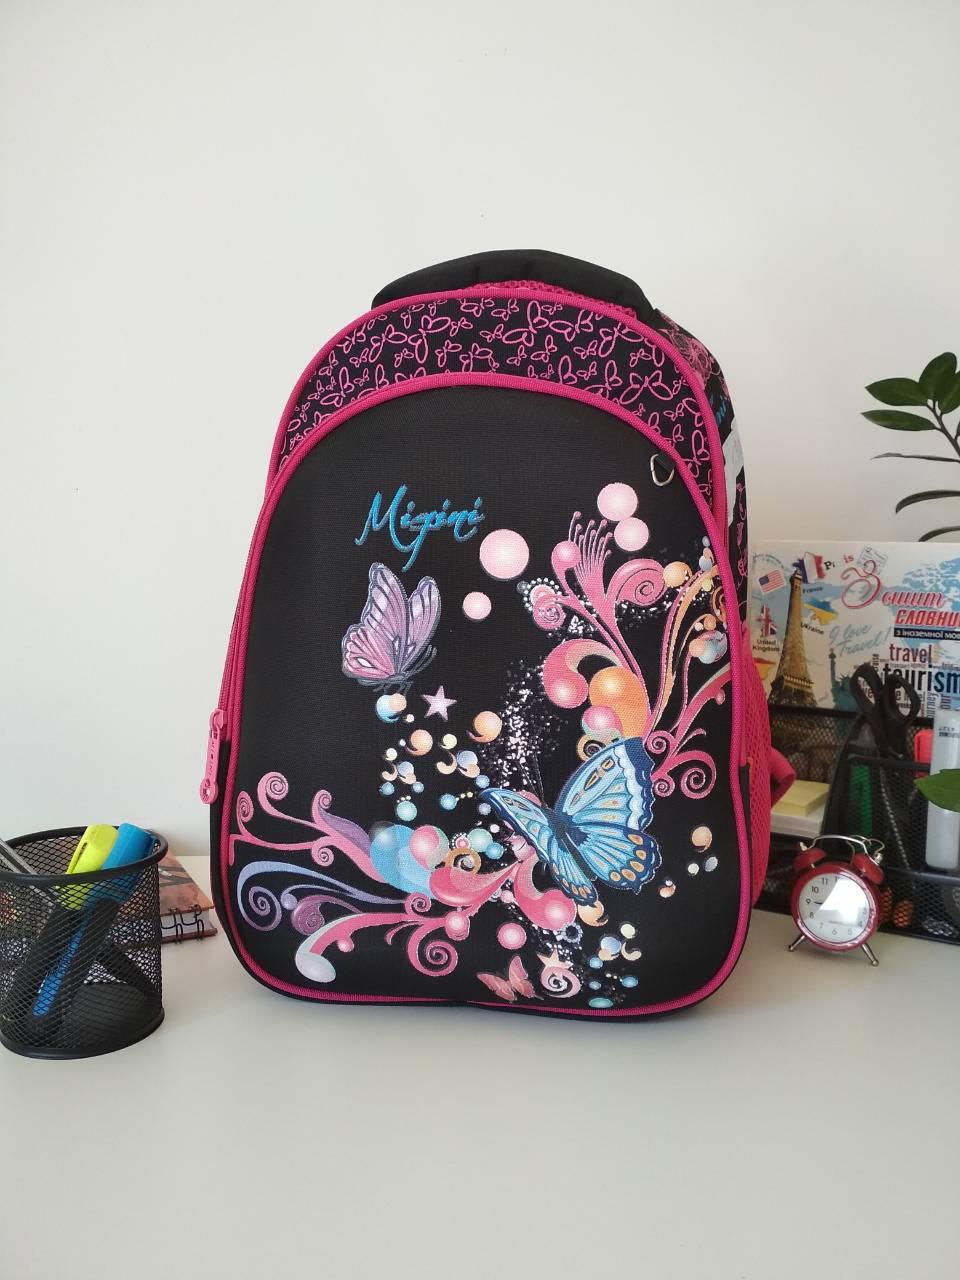 Стильний шкільний рюкзак для дівчаток Migini принт Метелики 39*29*16 см